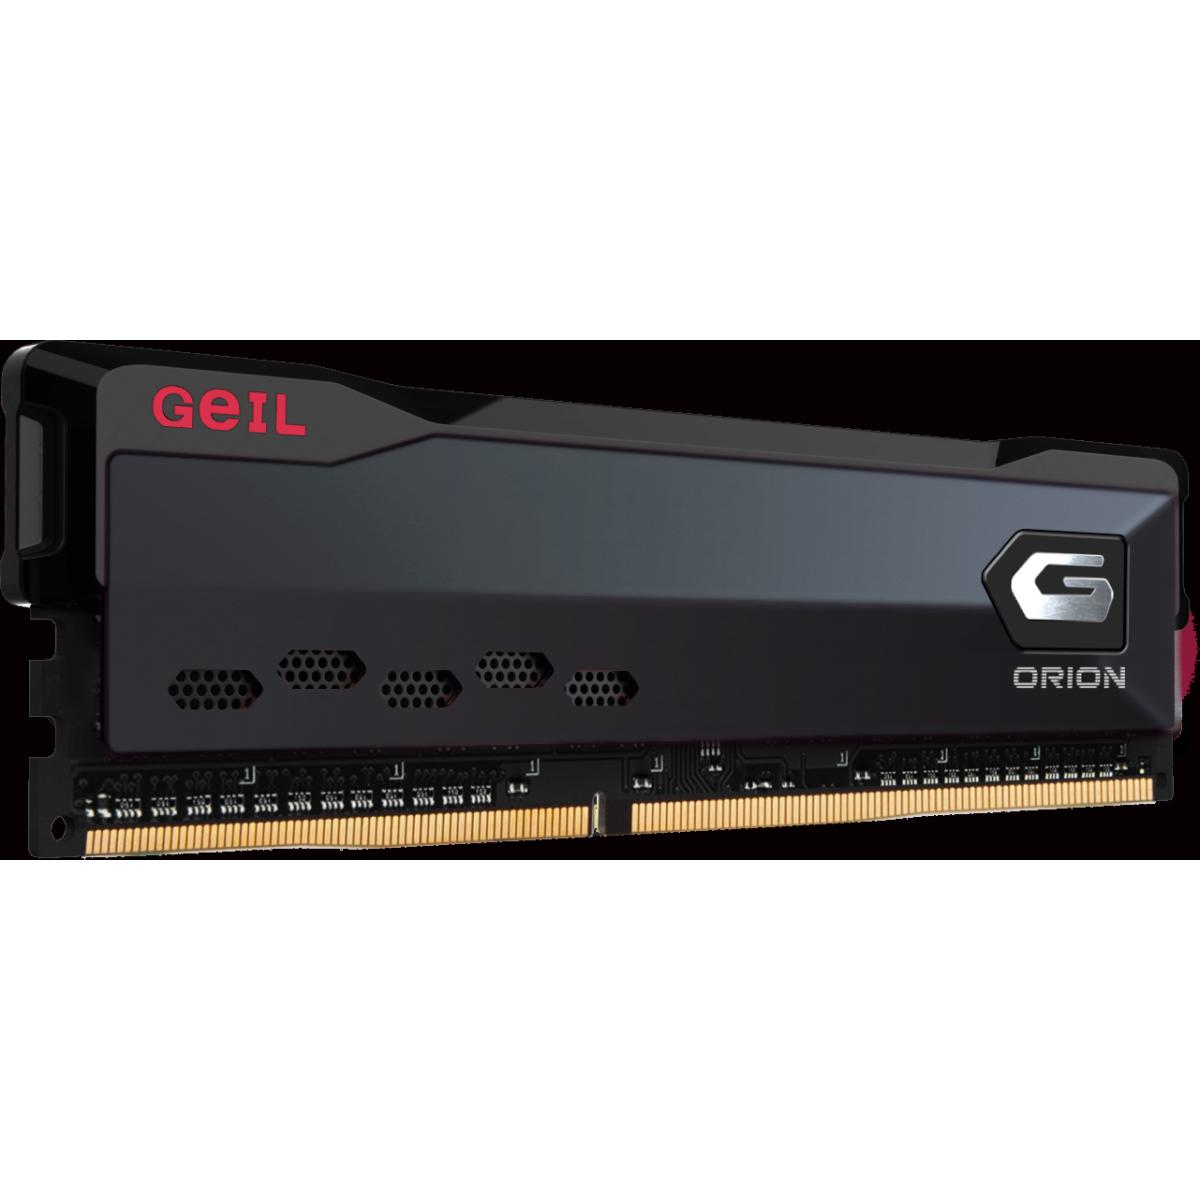 Memória DDR4 Geil Orion, 16GB 3000MHz, Black, GAOG416GB3000C16ASC